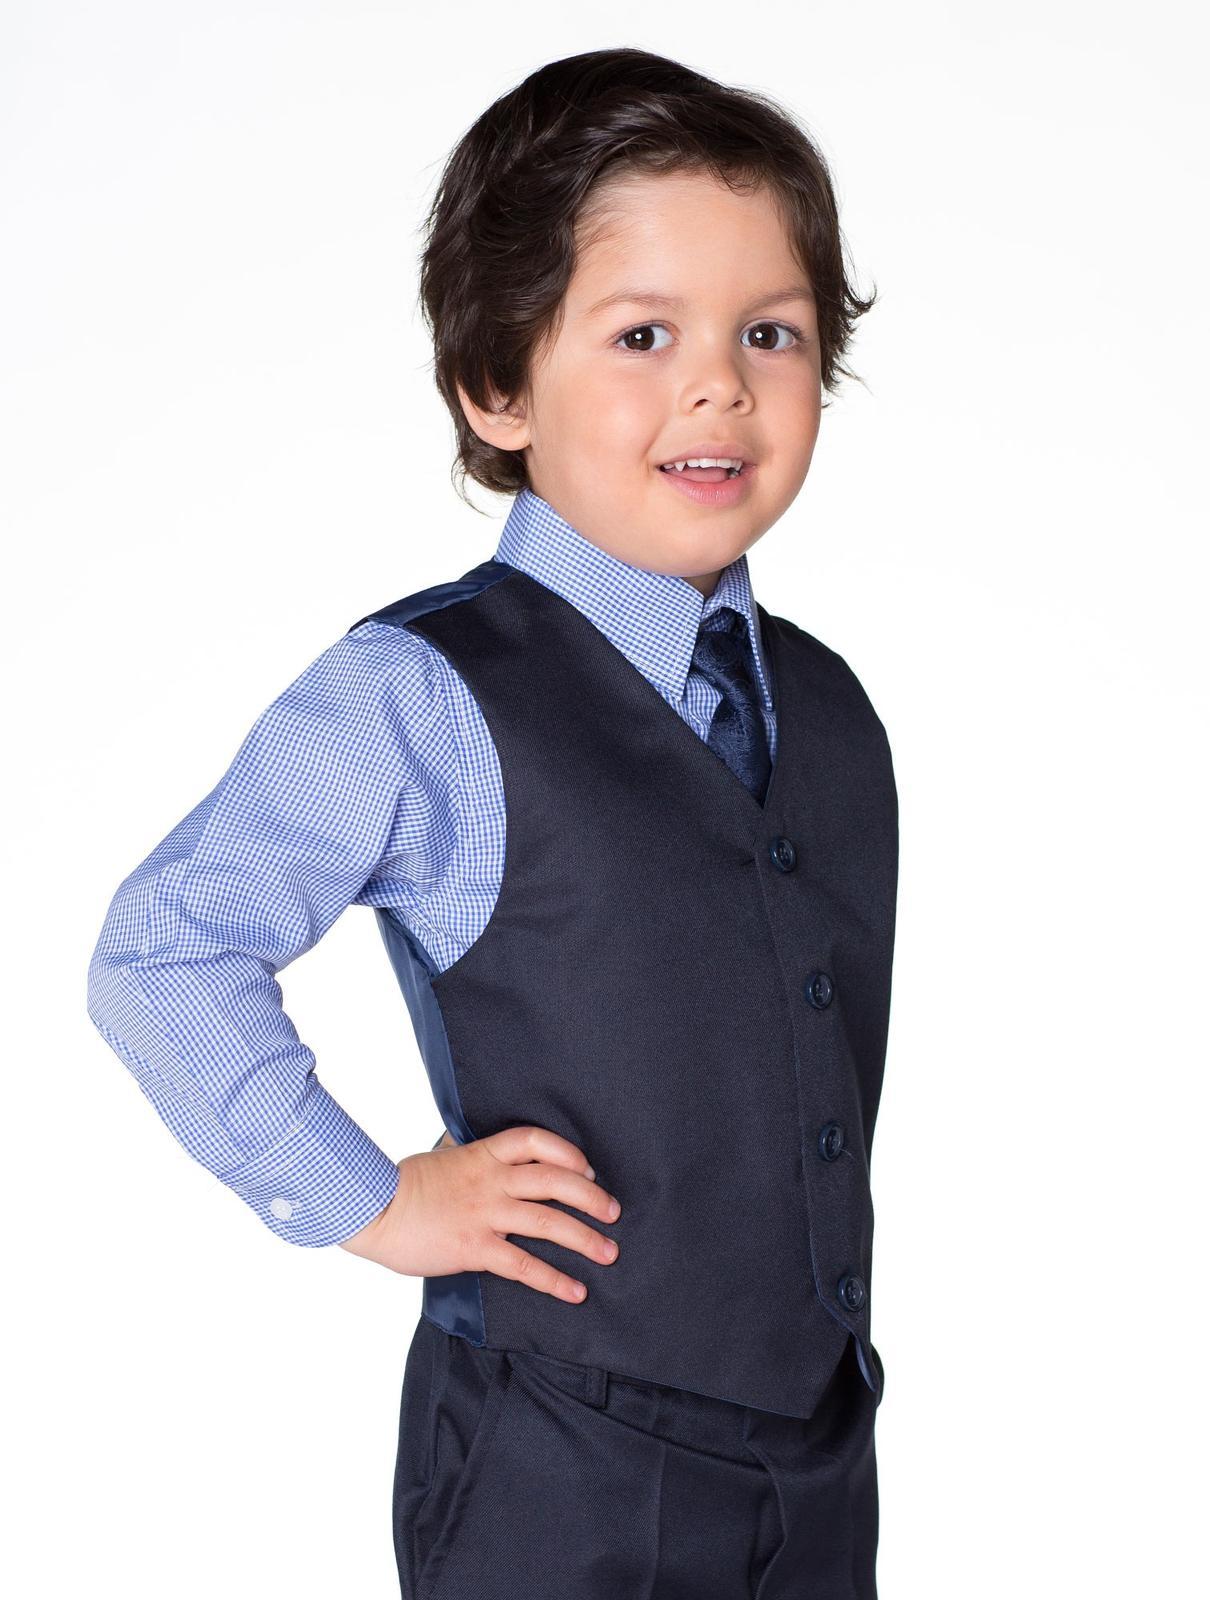 AKCE - tmavě modrý oblek, k prodeji, k půjčení - Obrázek č. 4